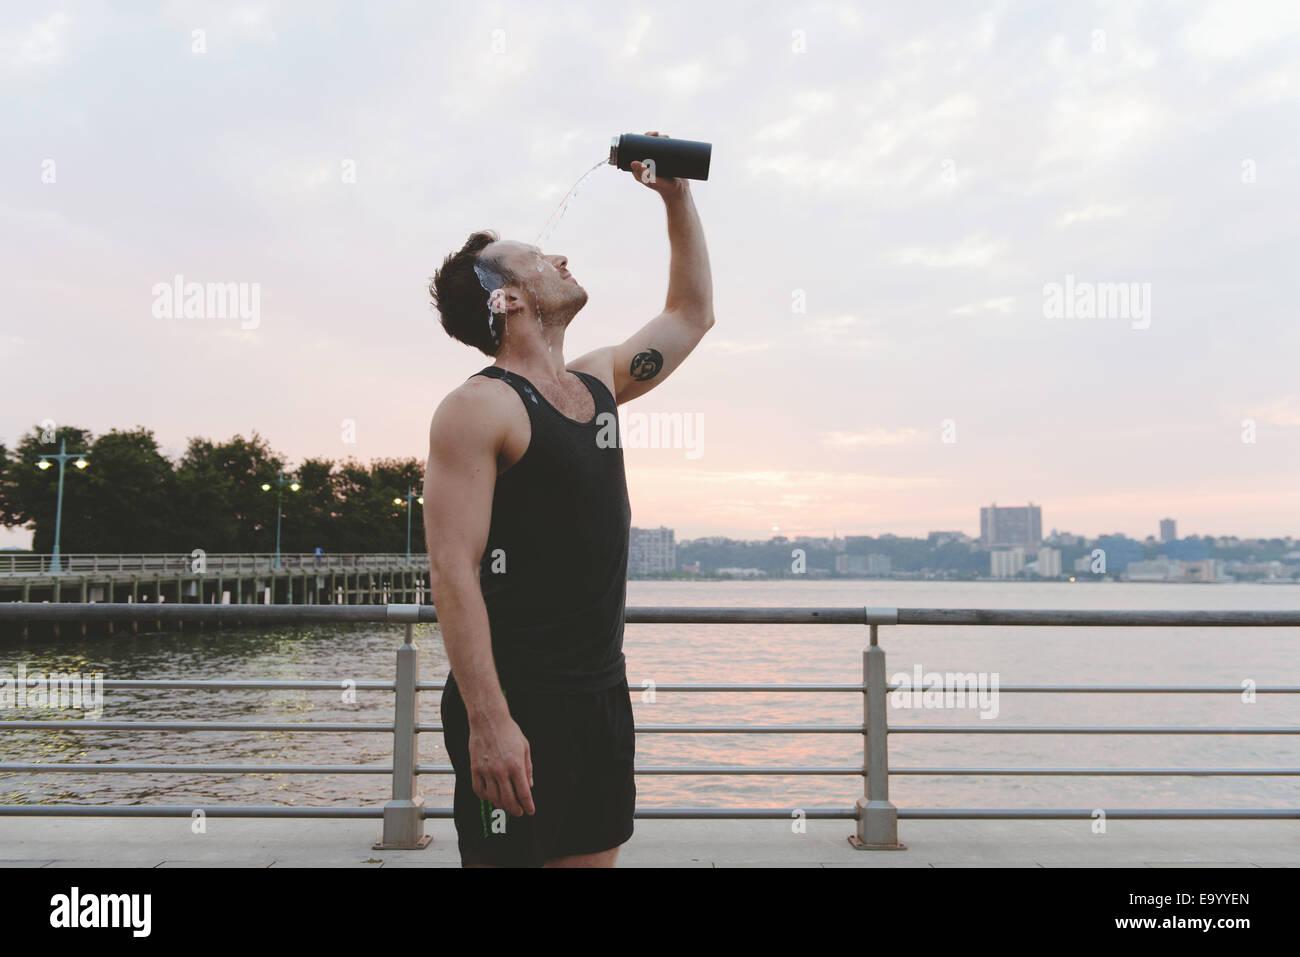 Macho joven corredor de verter agua sobre su cara en Riverside al amanecer. Imagen De Stock